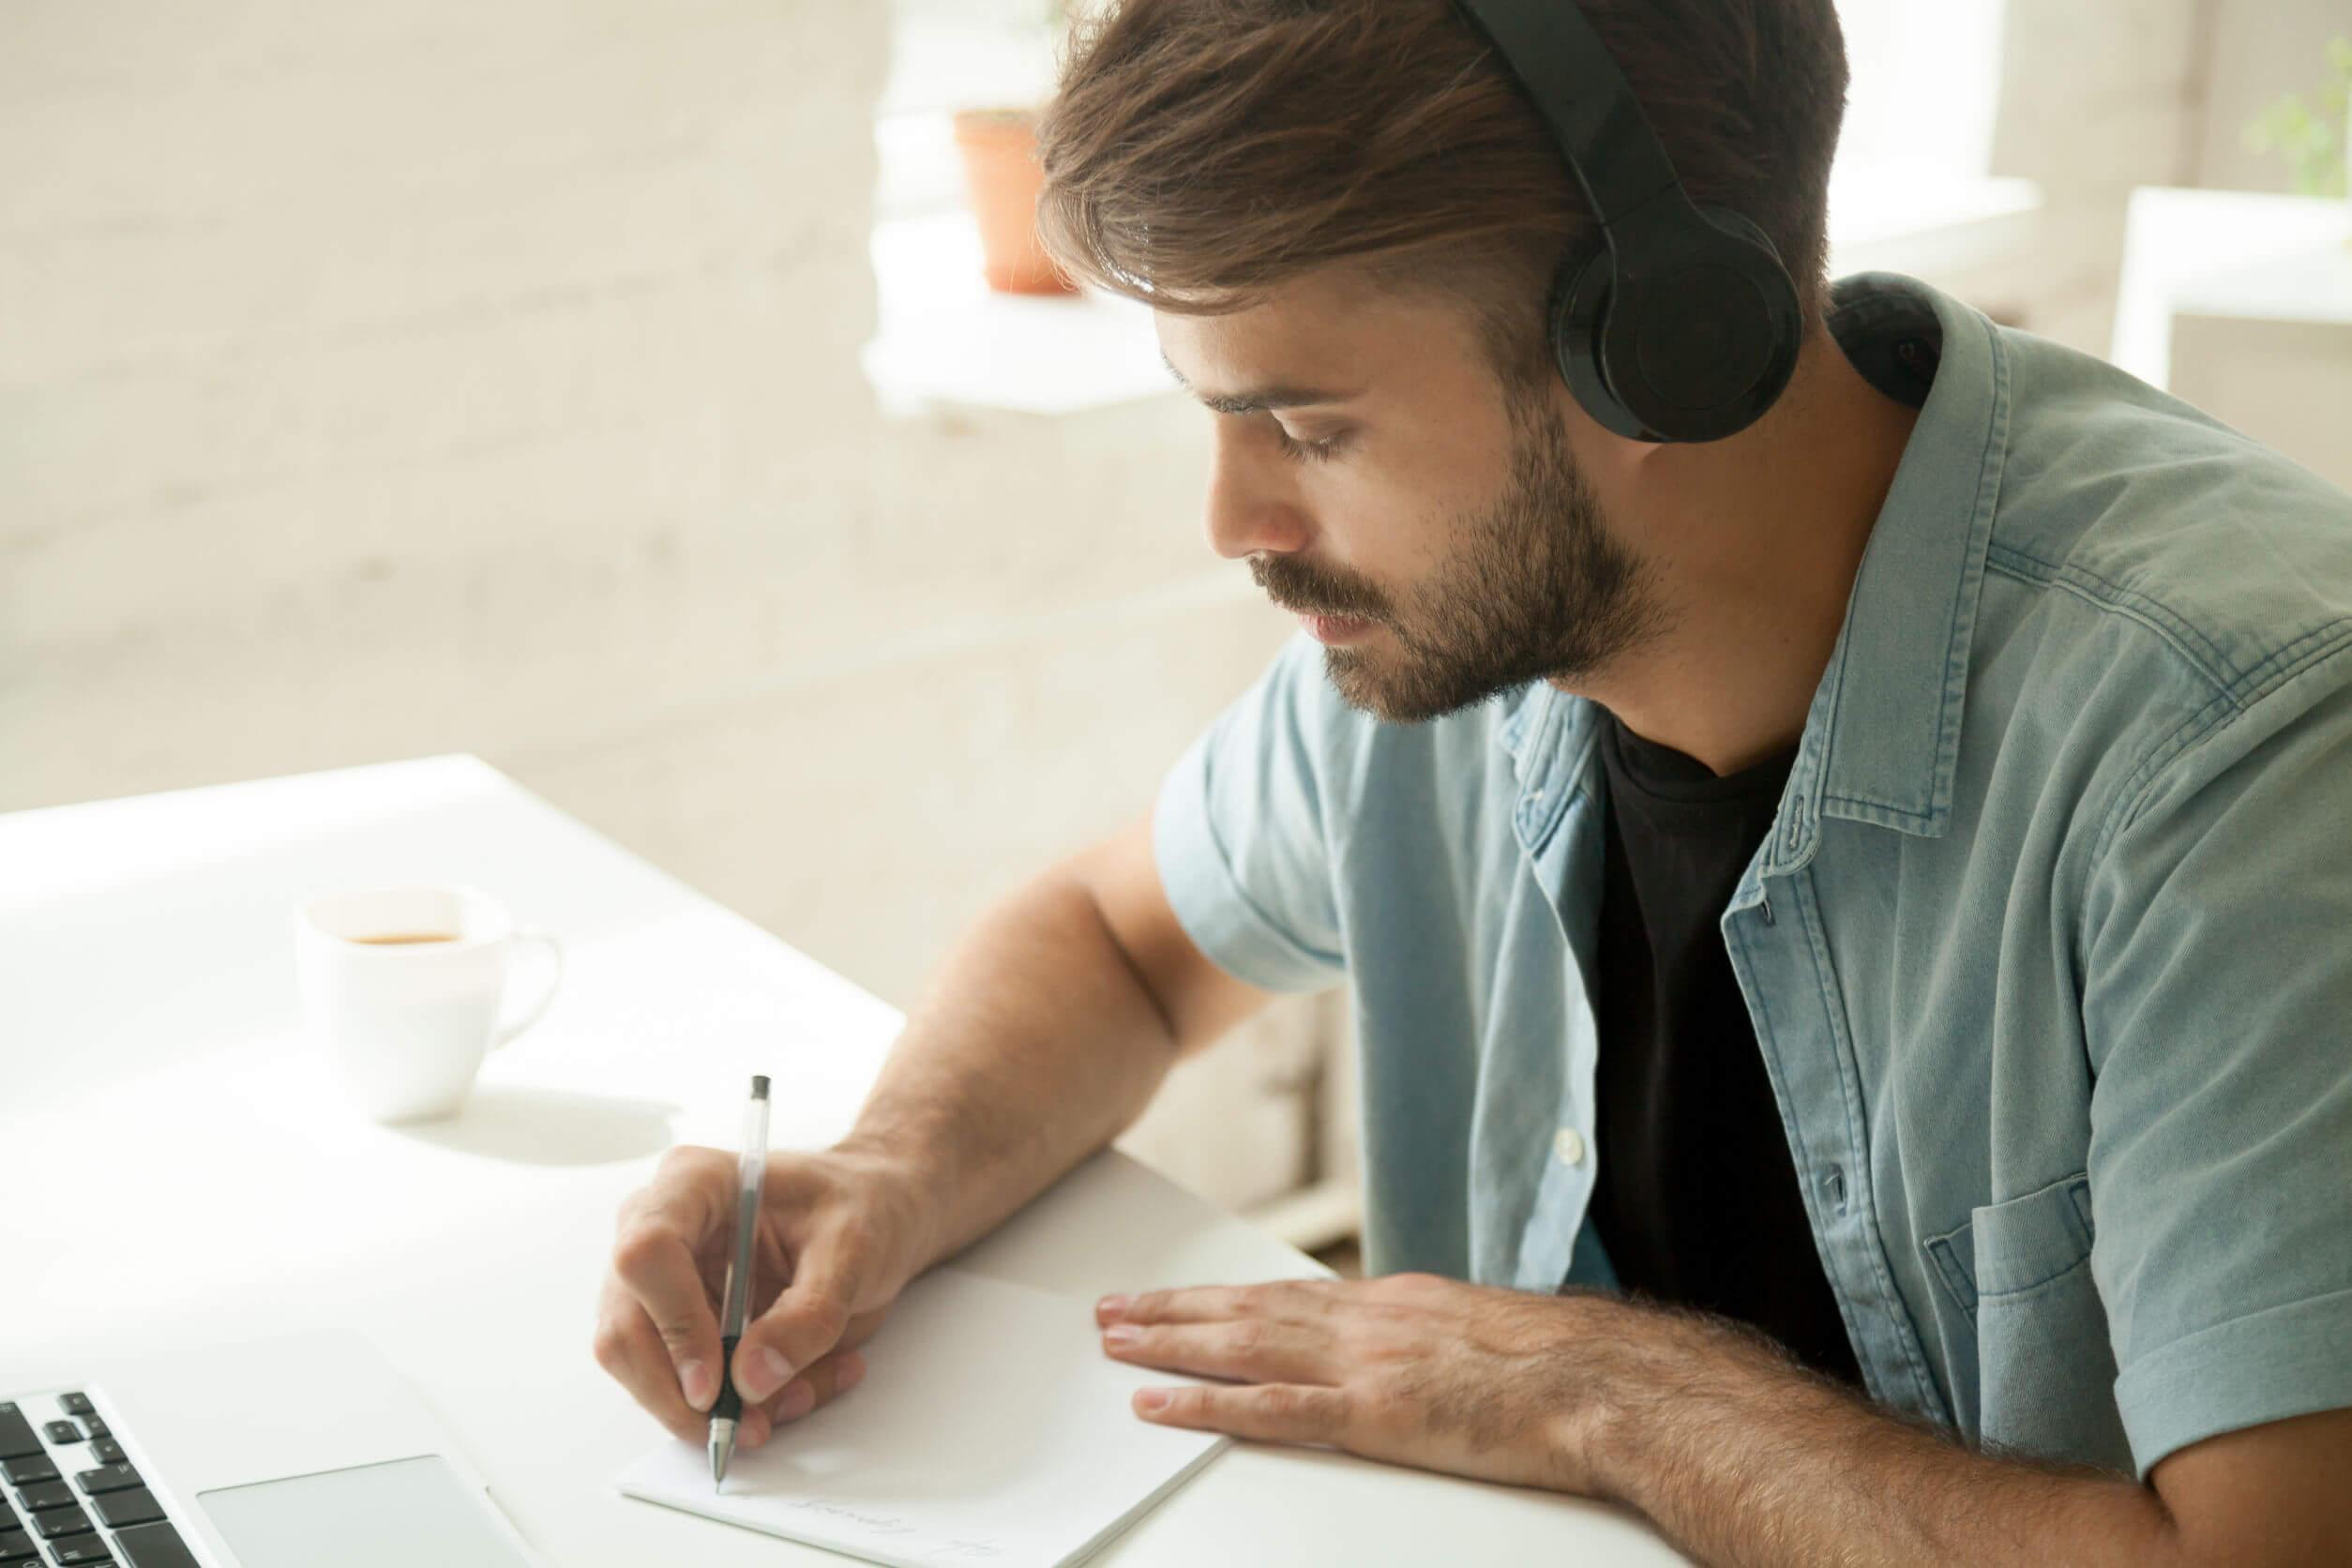 ノートを書く男性